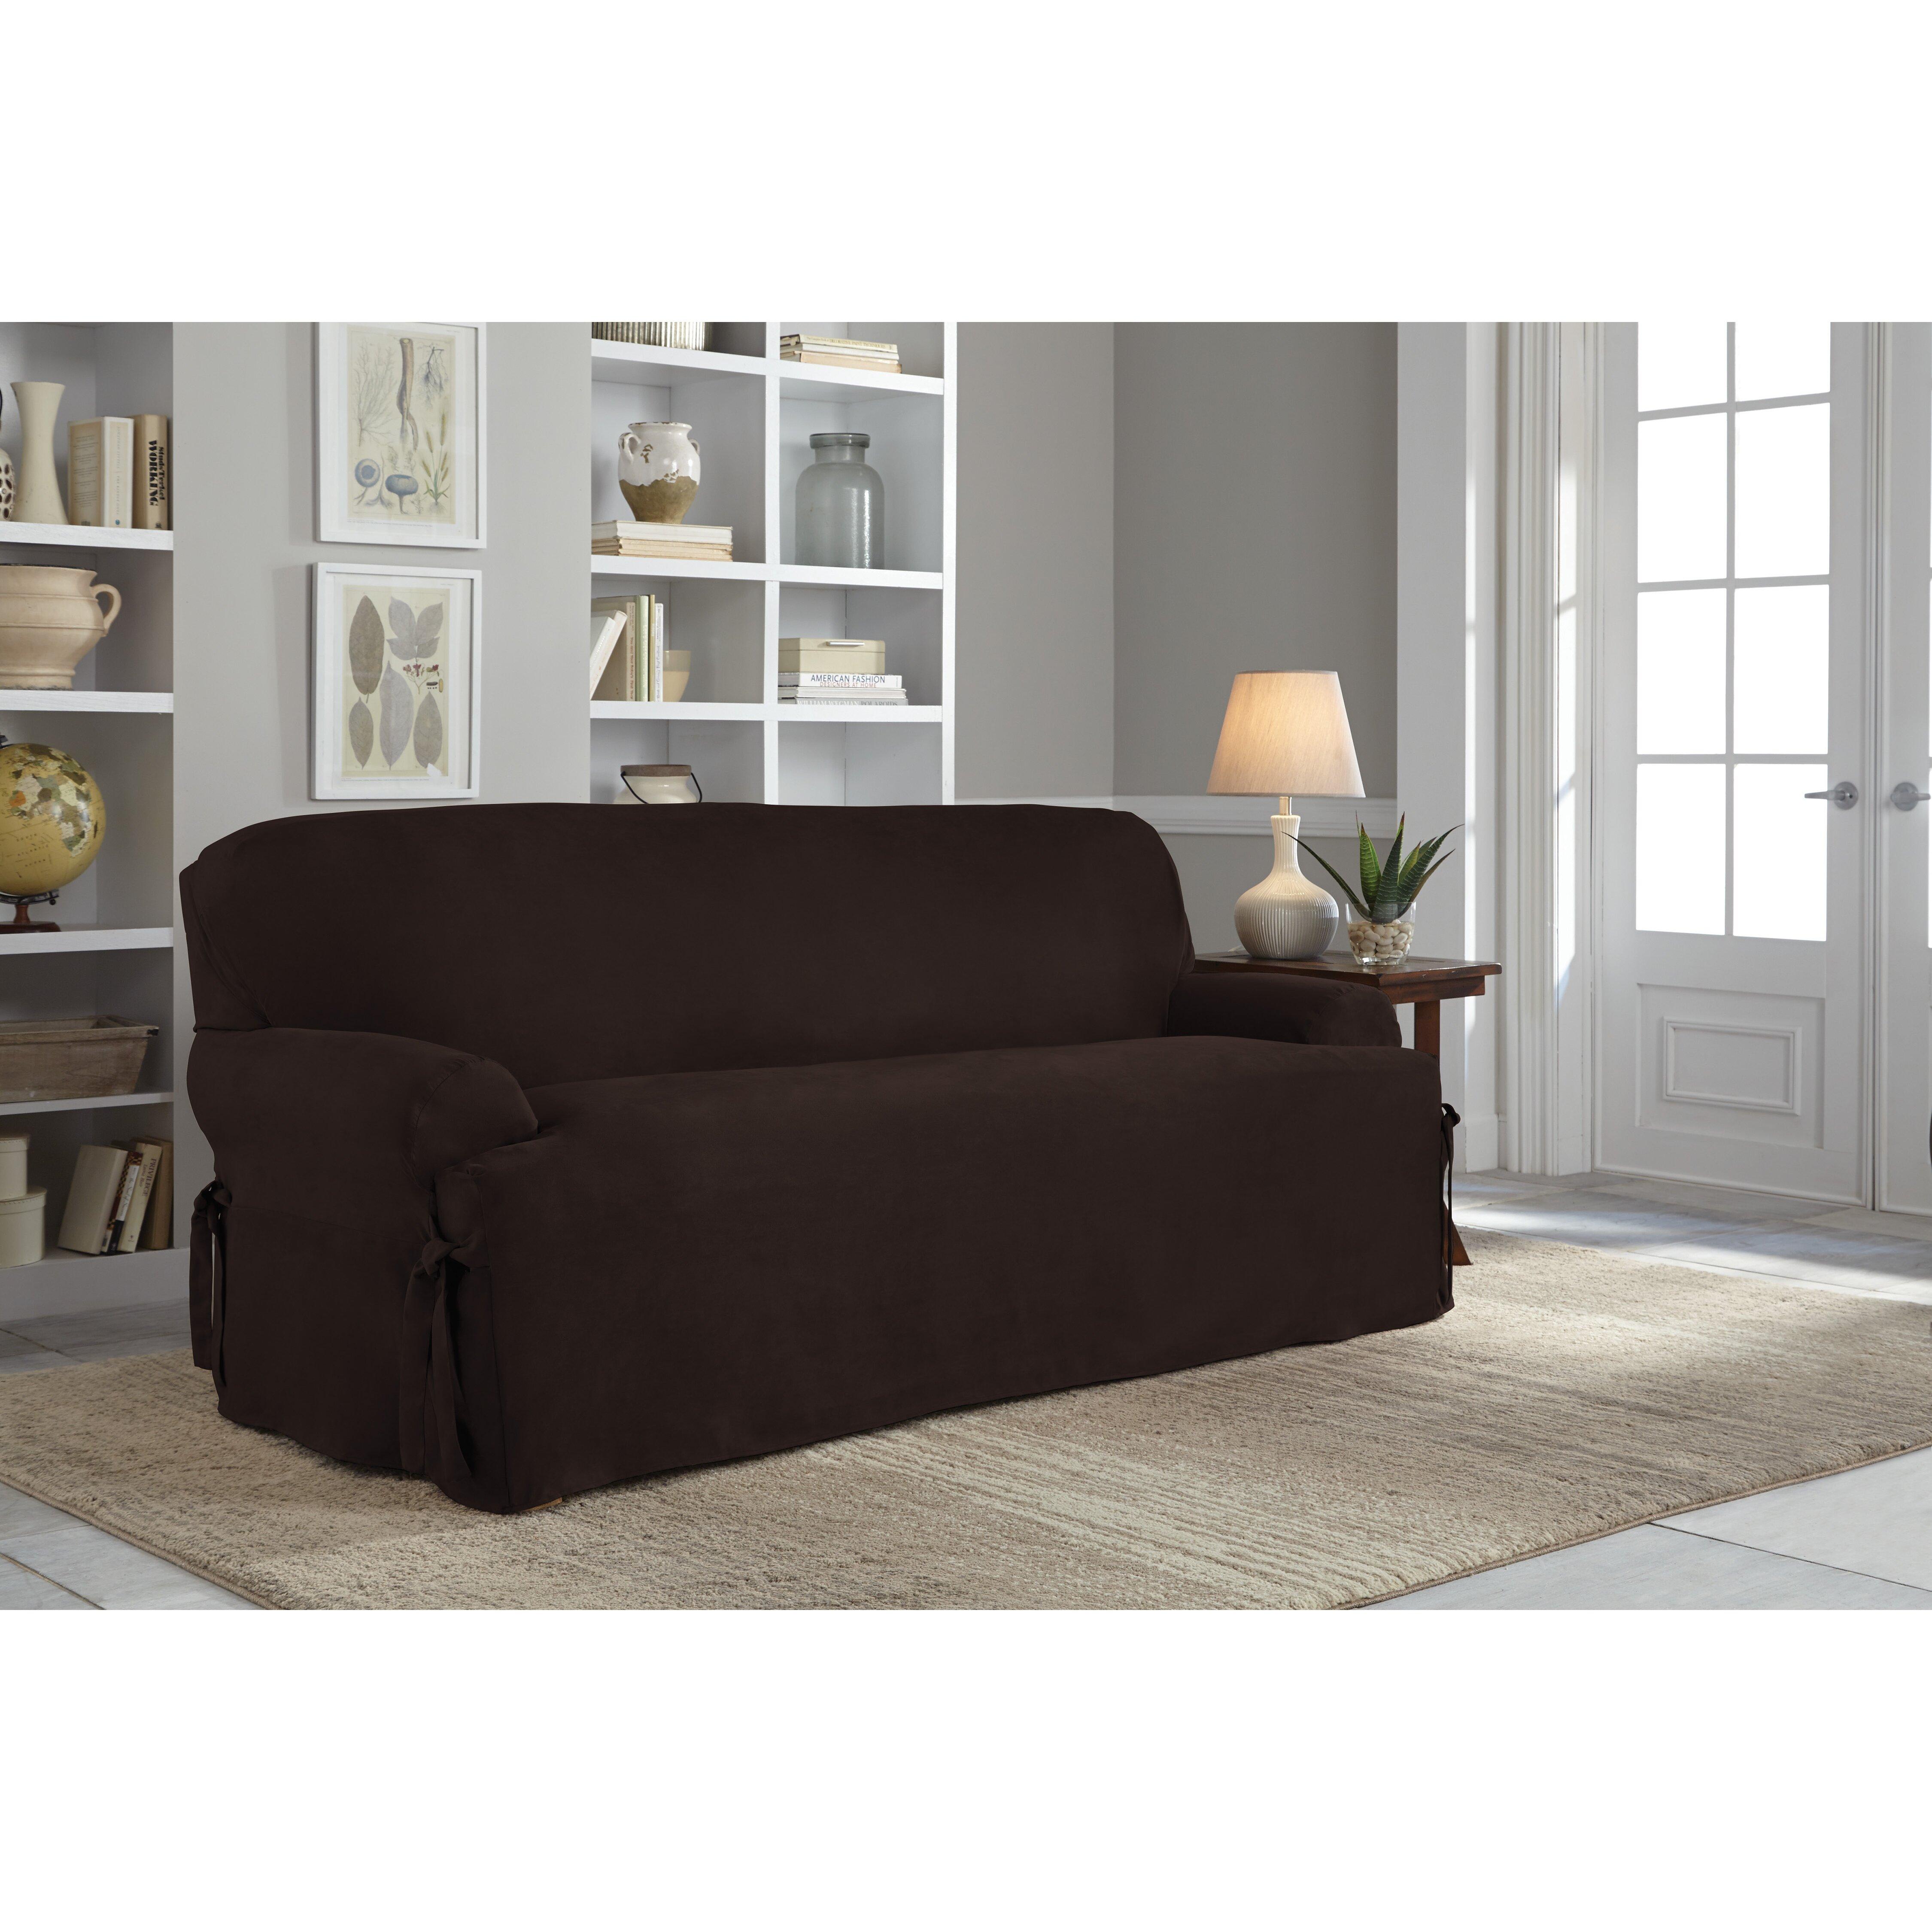 Serta Sofa T Cushion Slipcover Amp Reviews Wayfair